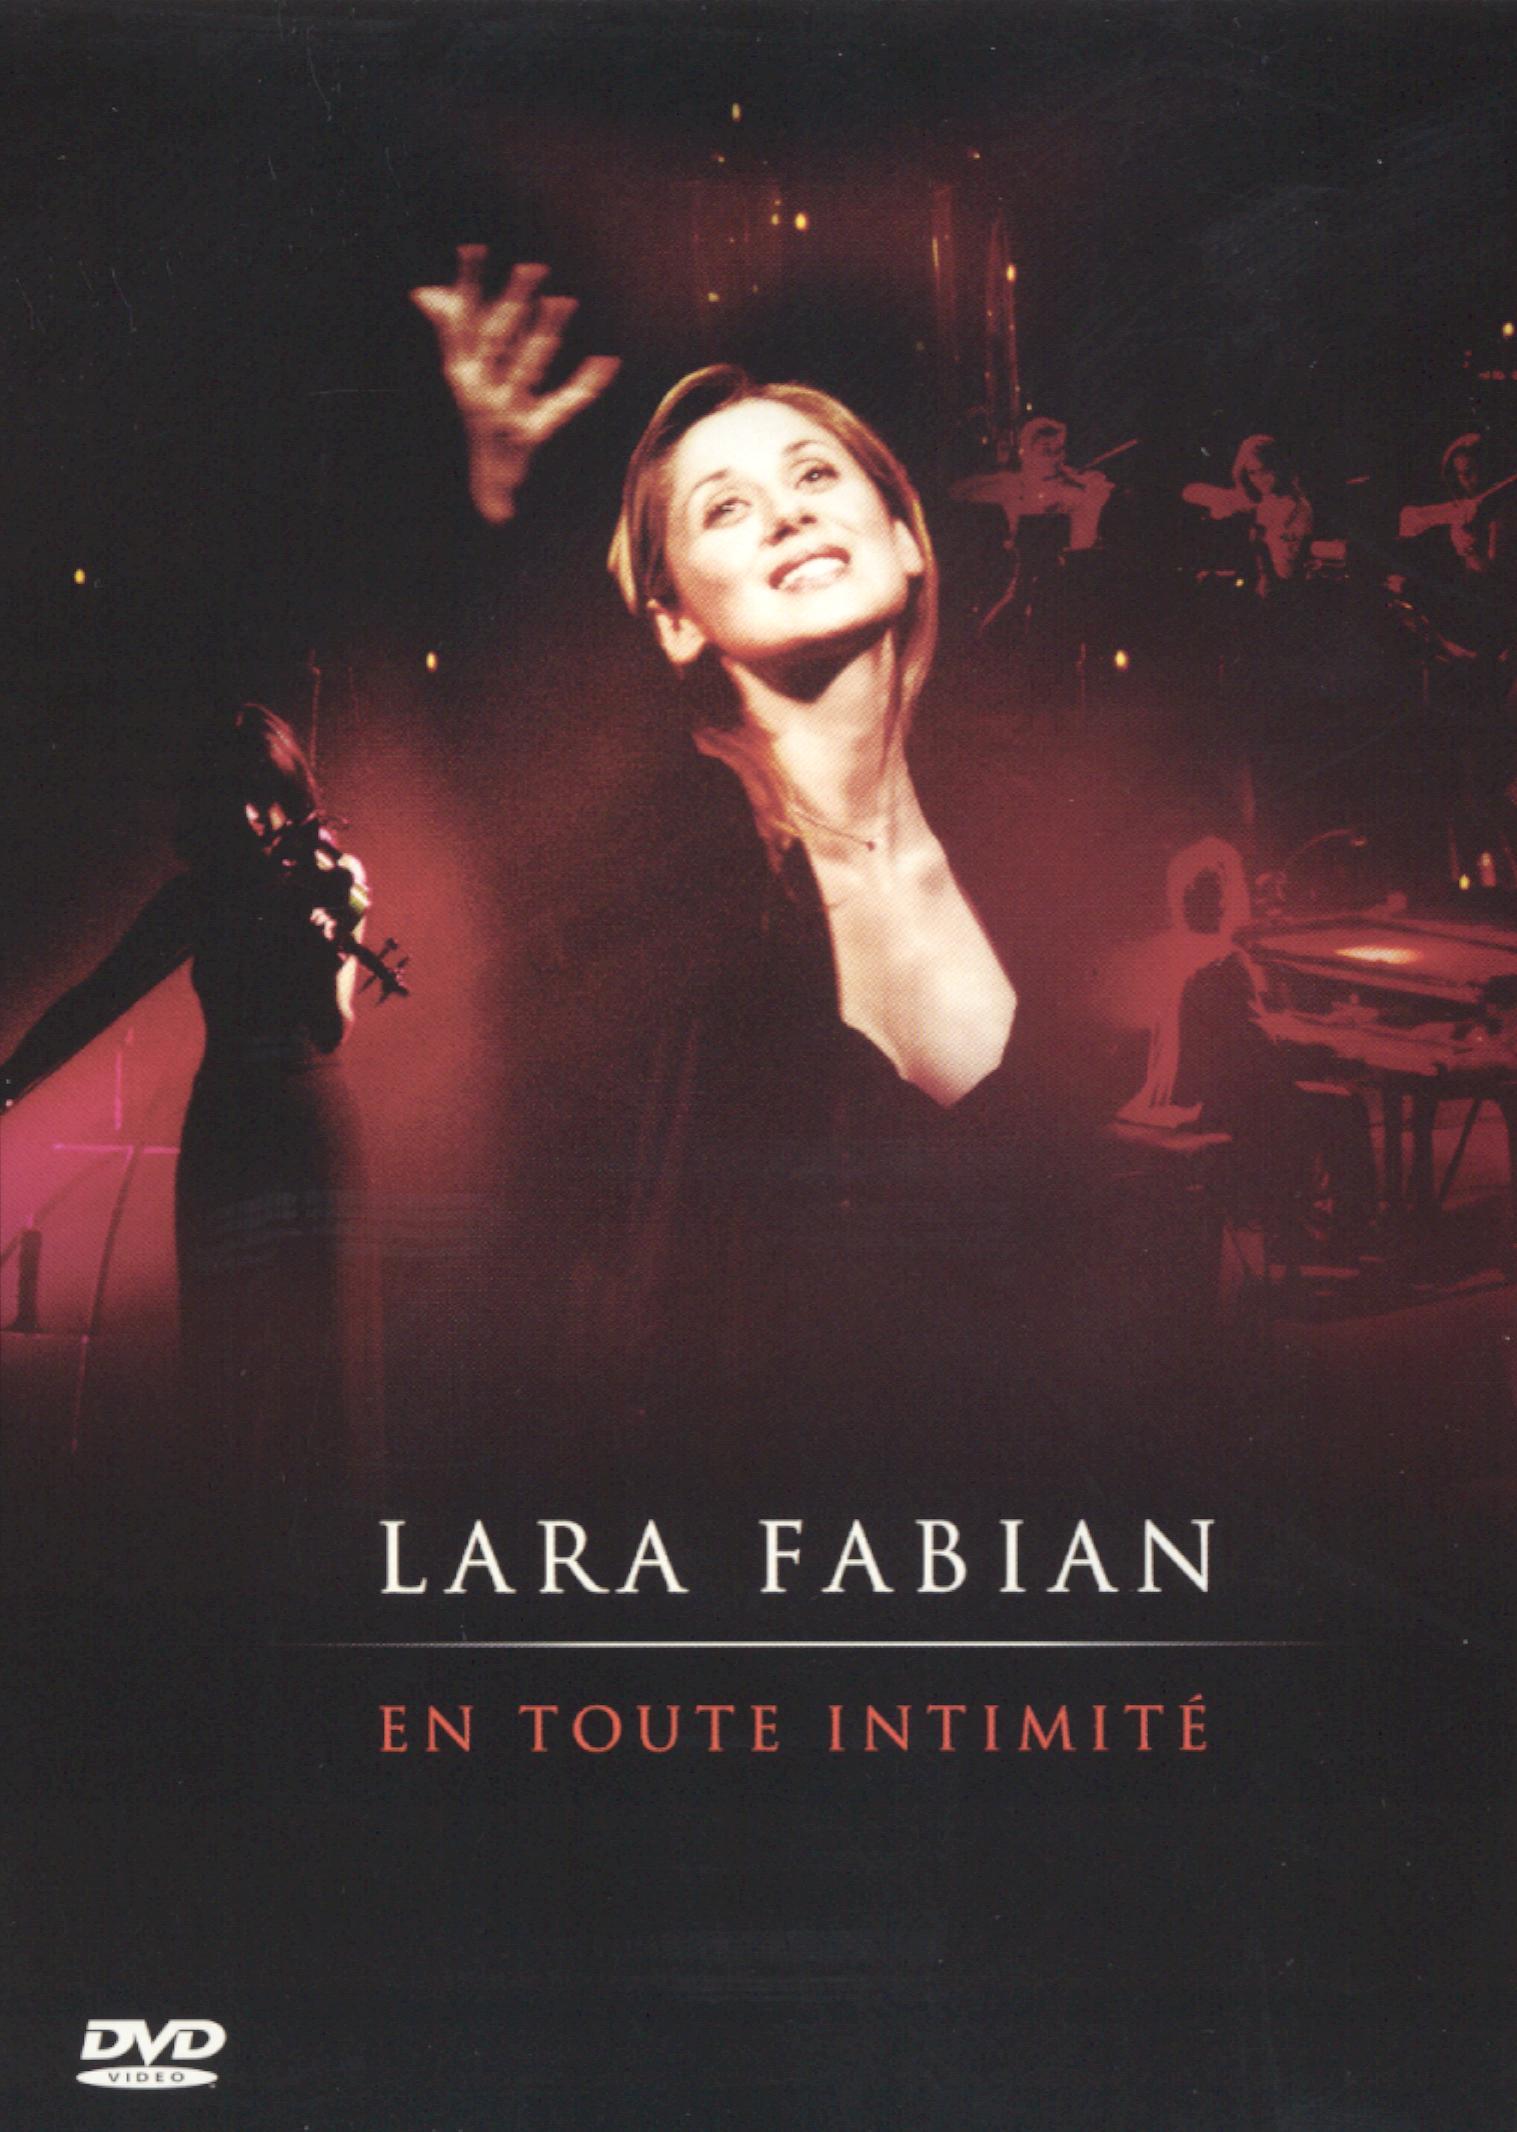 Lara Fabian: En Toute Intimite